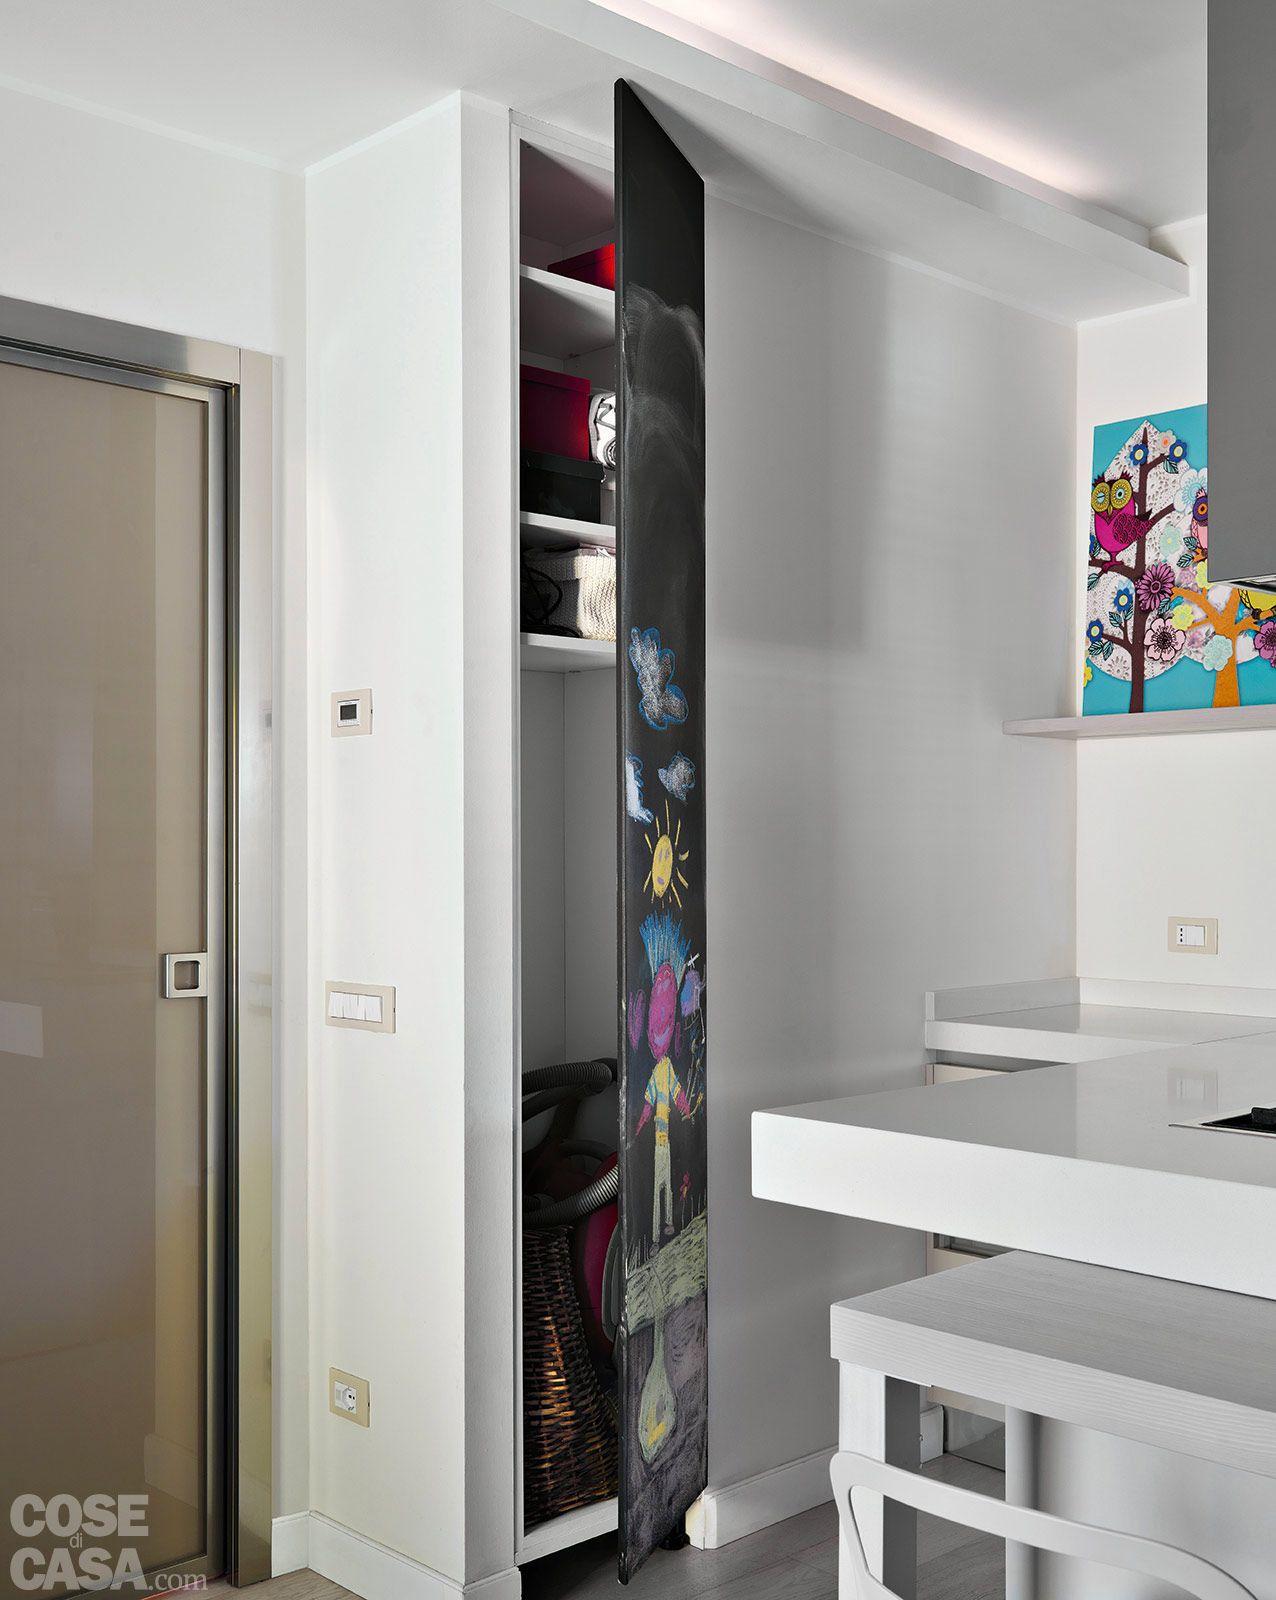 50 mq obiettivo massimo comfort case arredamento e for Arredamento appartamento completo